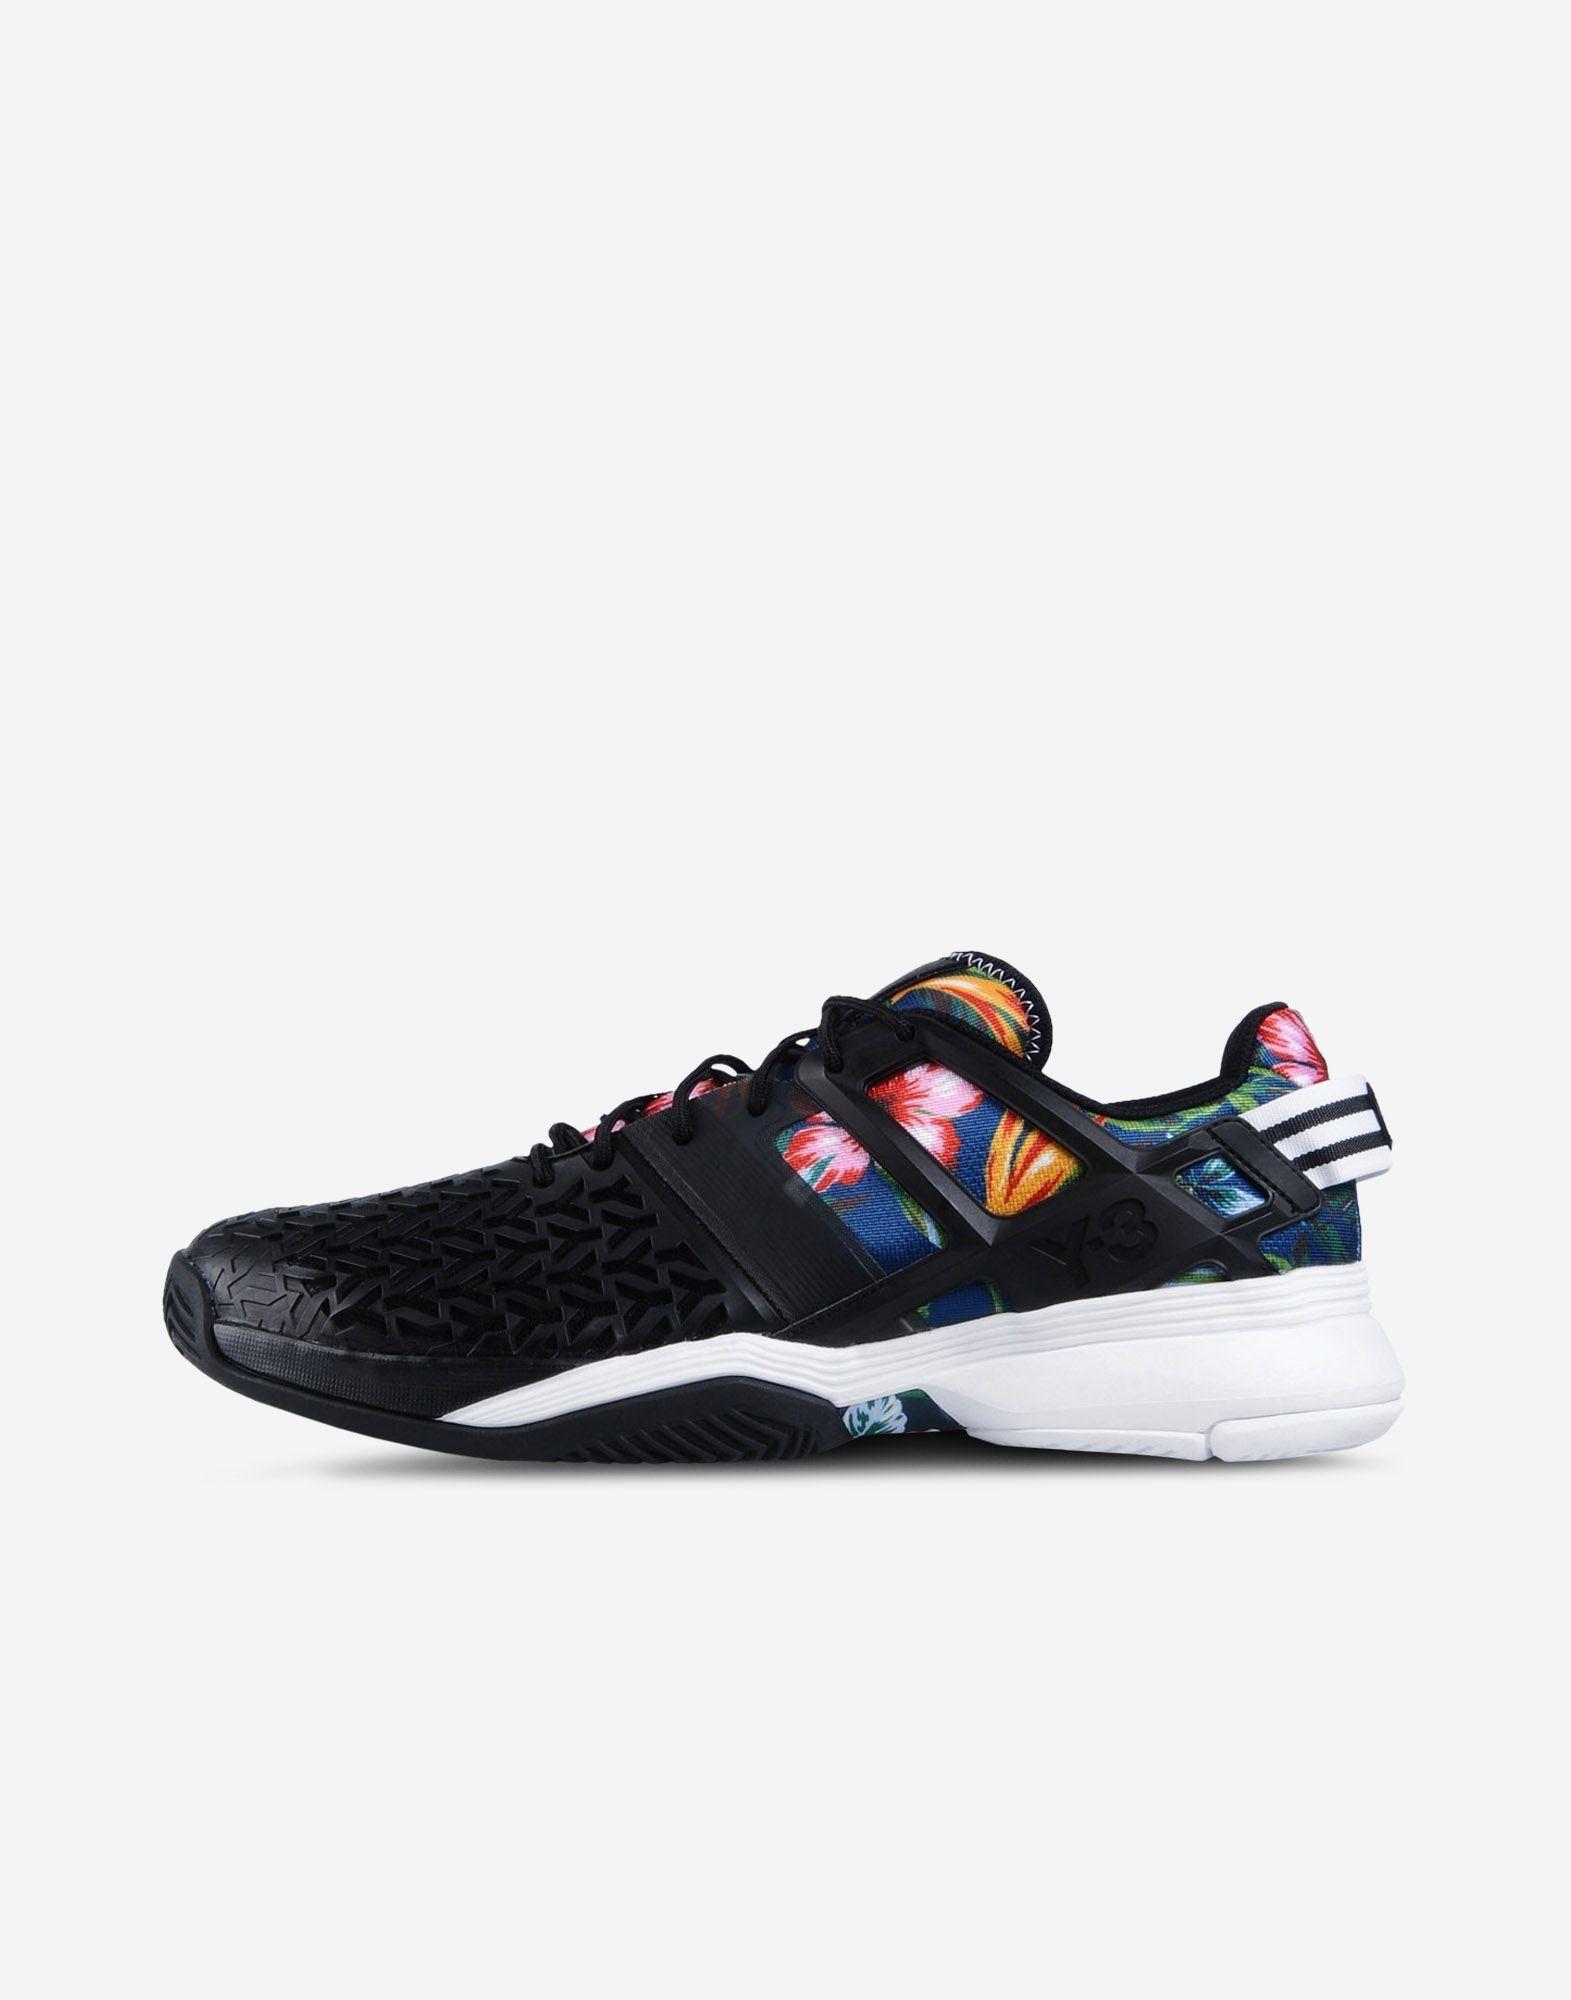 Adidas Y3 Roland Garros